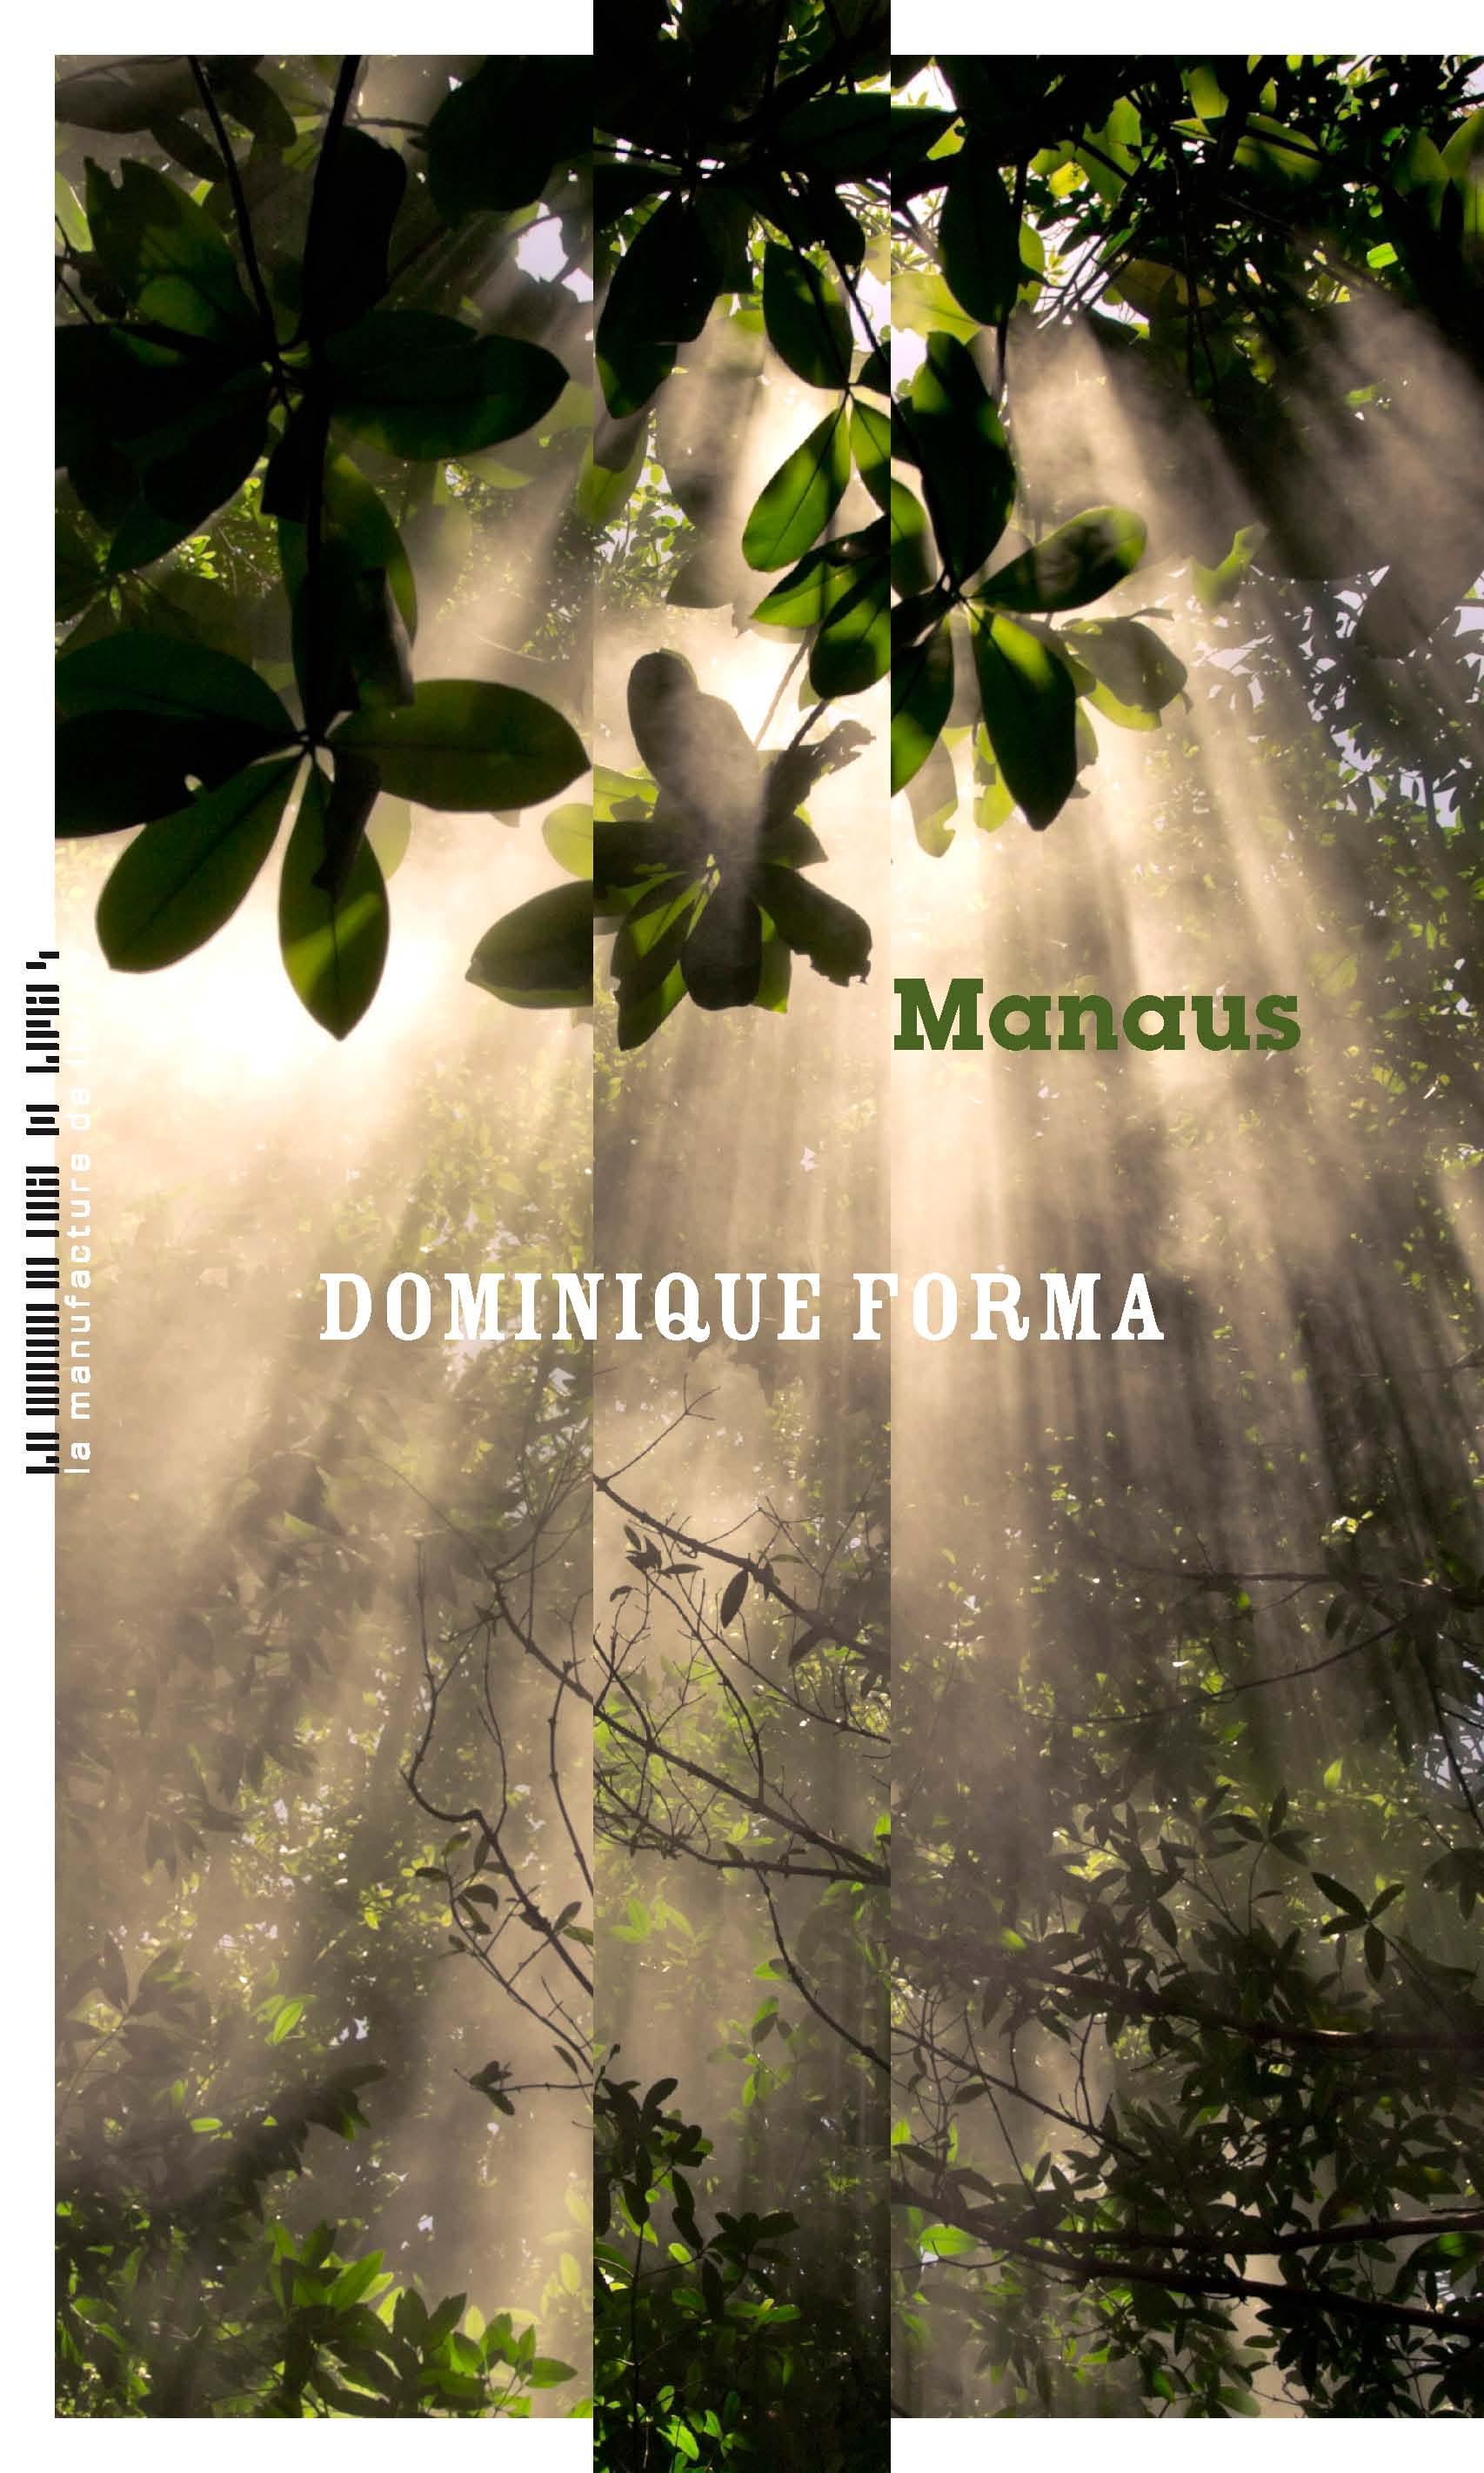 dominique forma manaus la manufacture de livres